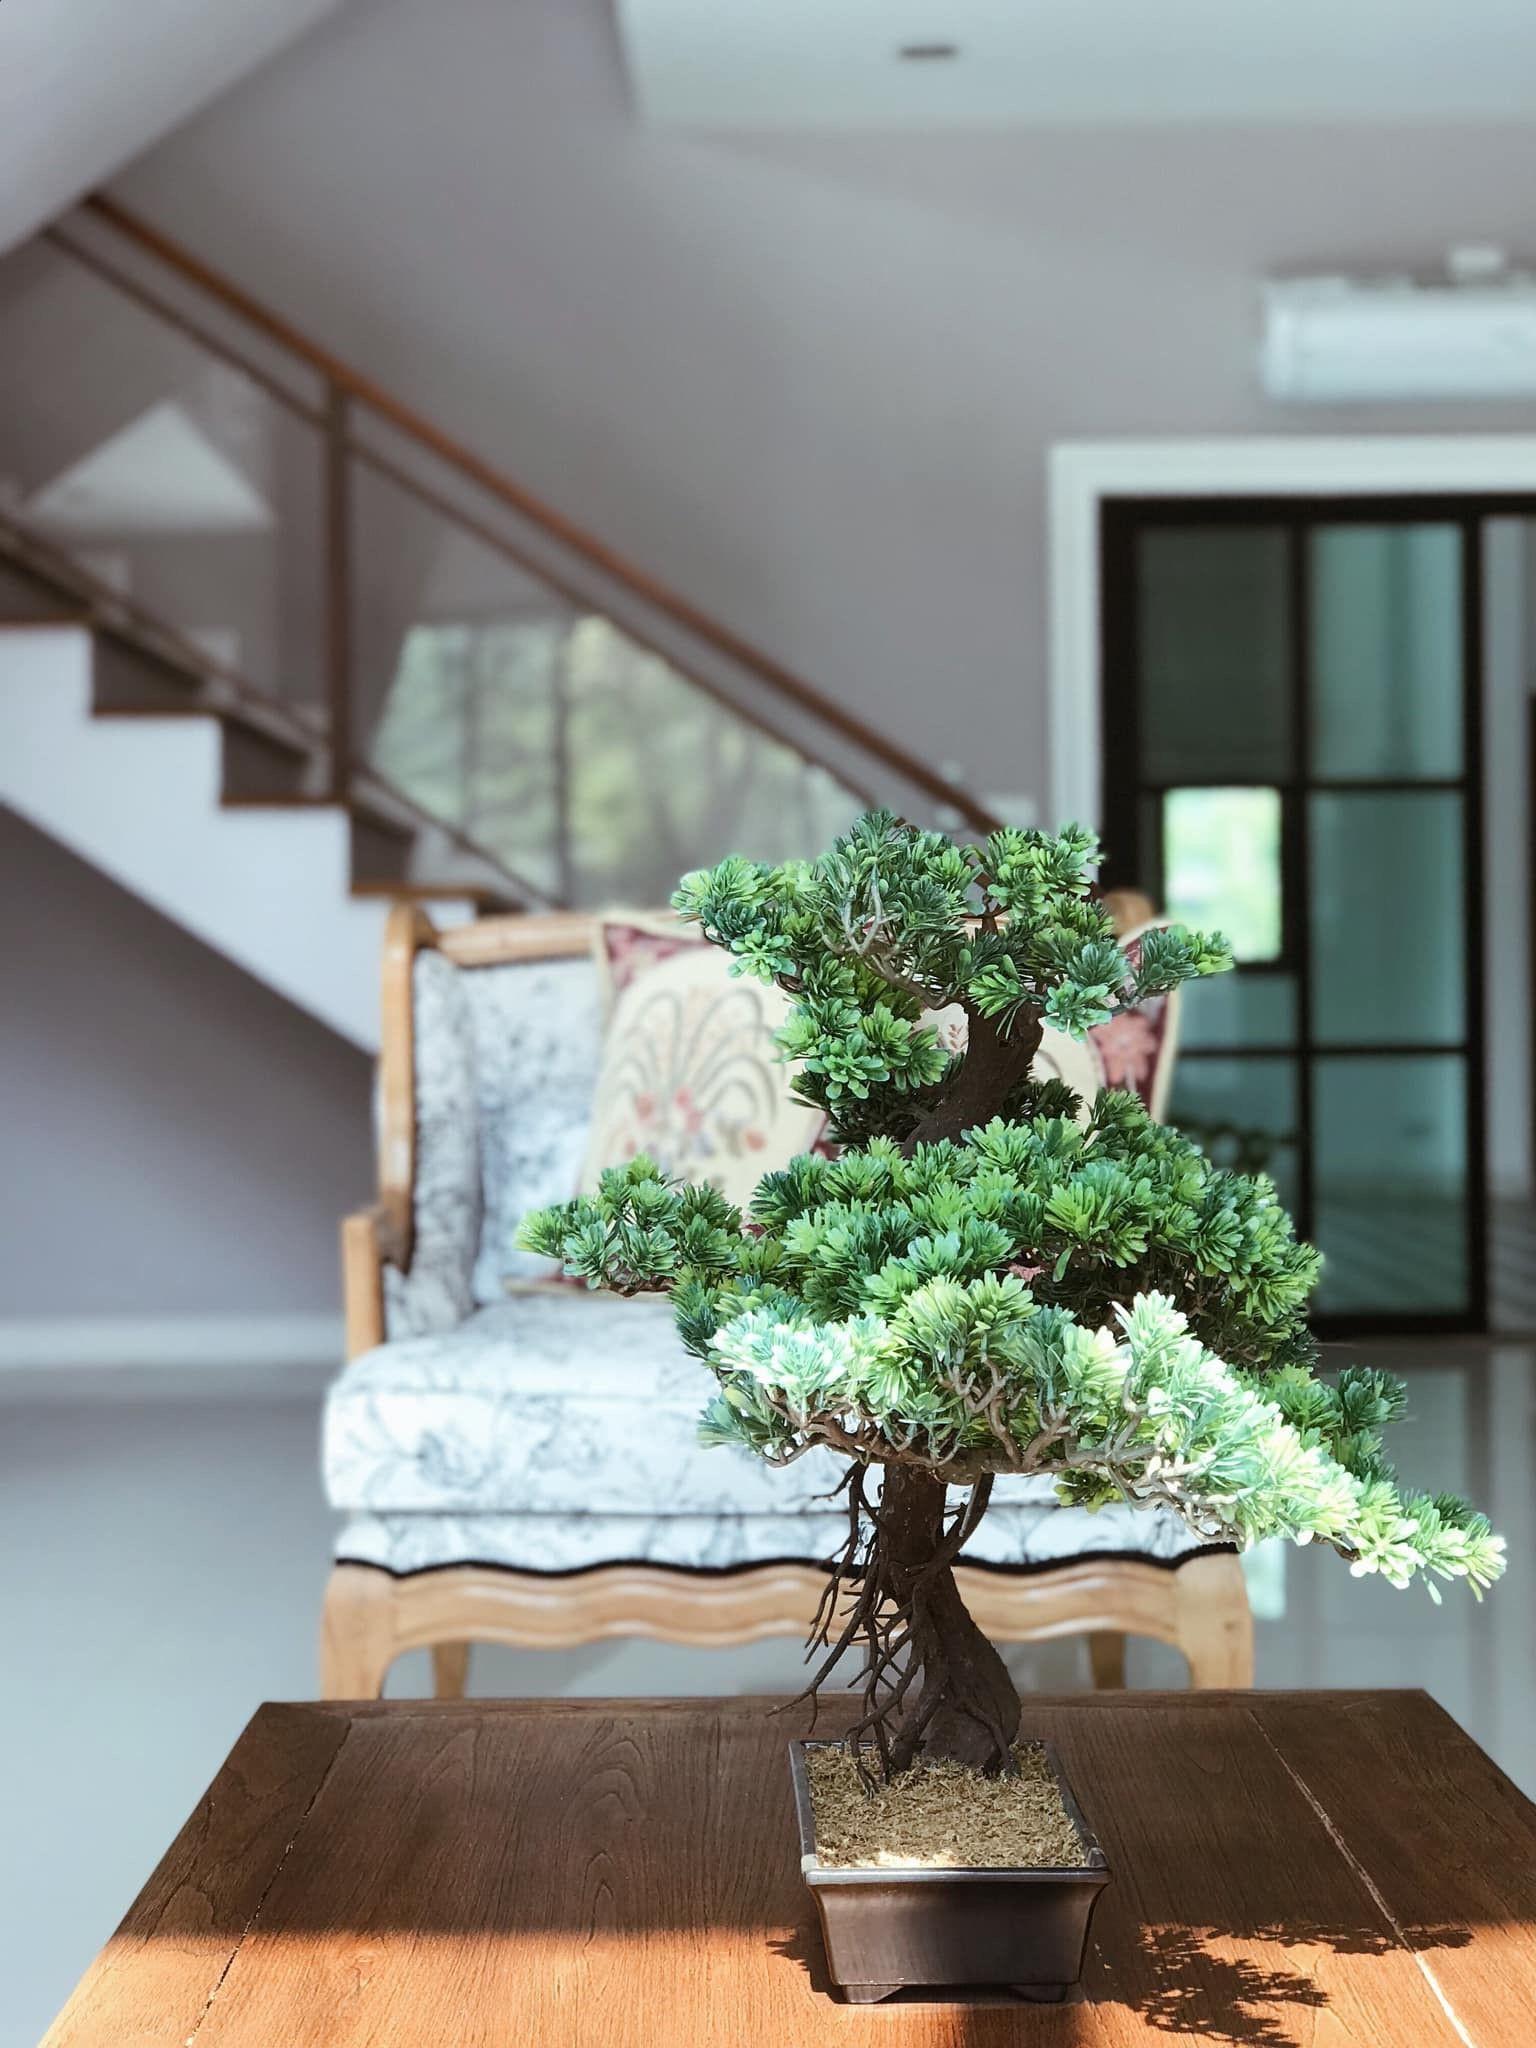 Les Chinois avaient aussi une passion pour les jardins. En fait, beaucoup de ces jardins étaient à l'échelle et comprenaient de nombreux arbres et arbustes miniatures.